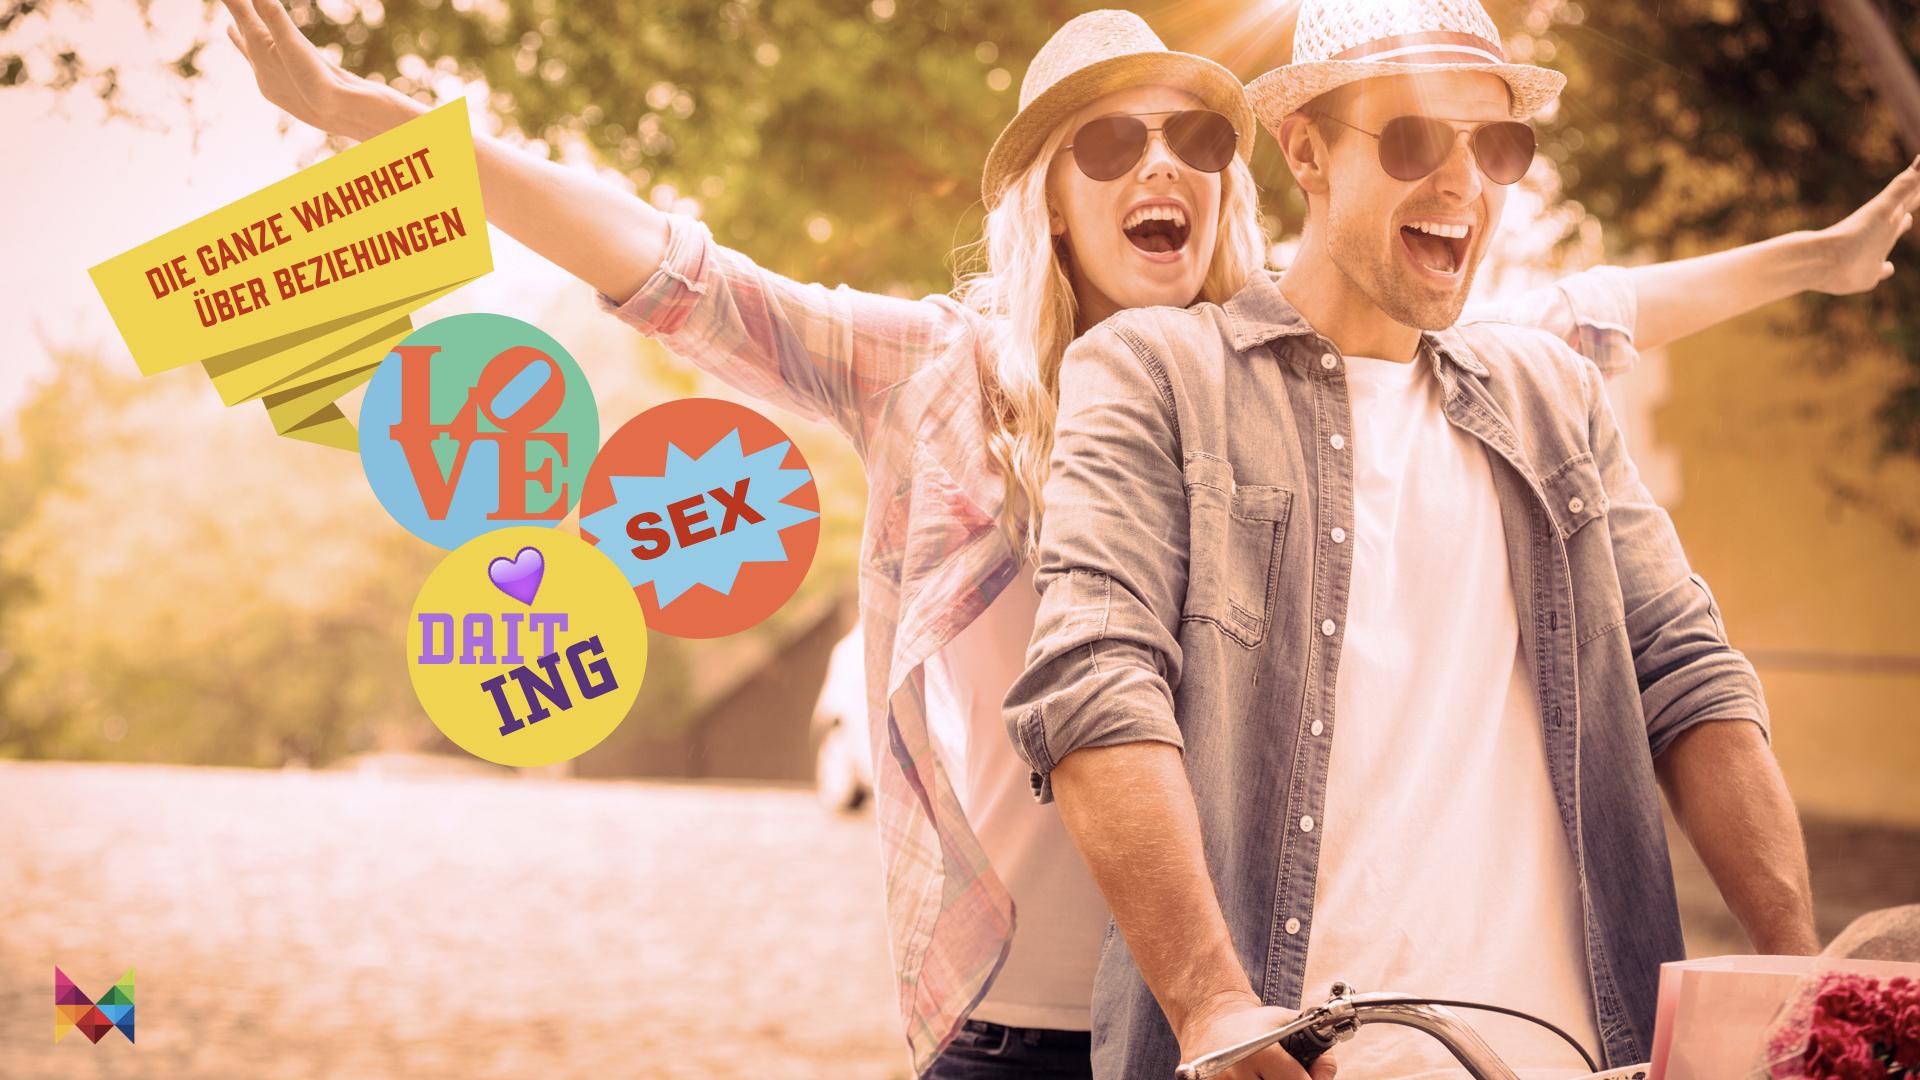 Love, Sex, Dating – die ganze Wahrheit über Beziehungen. 01 Wie Google ich den Partner fürs Leben?